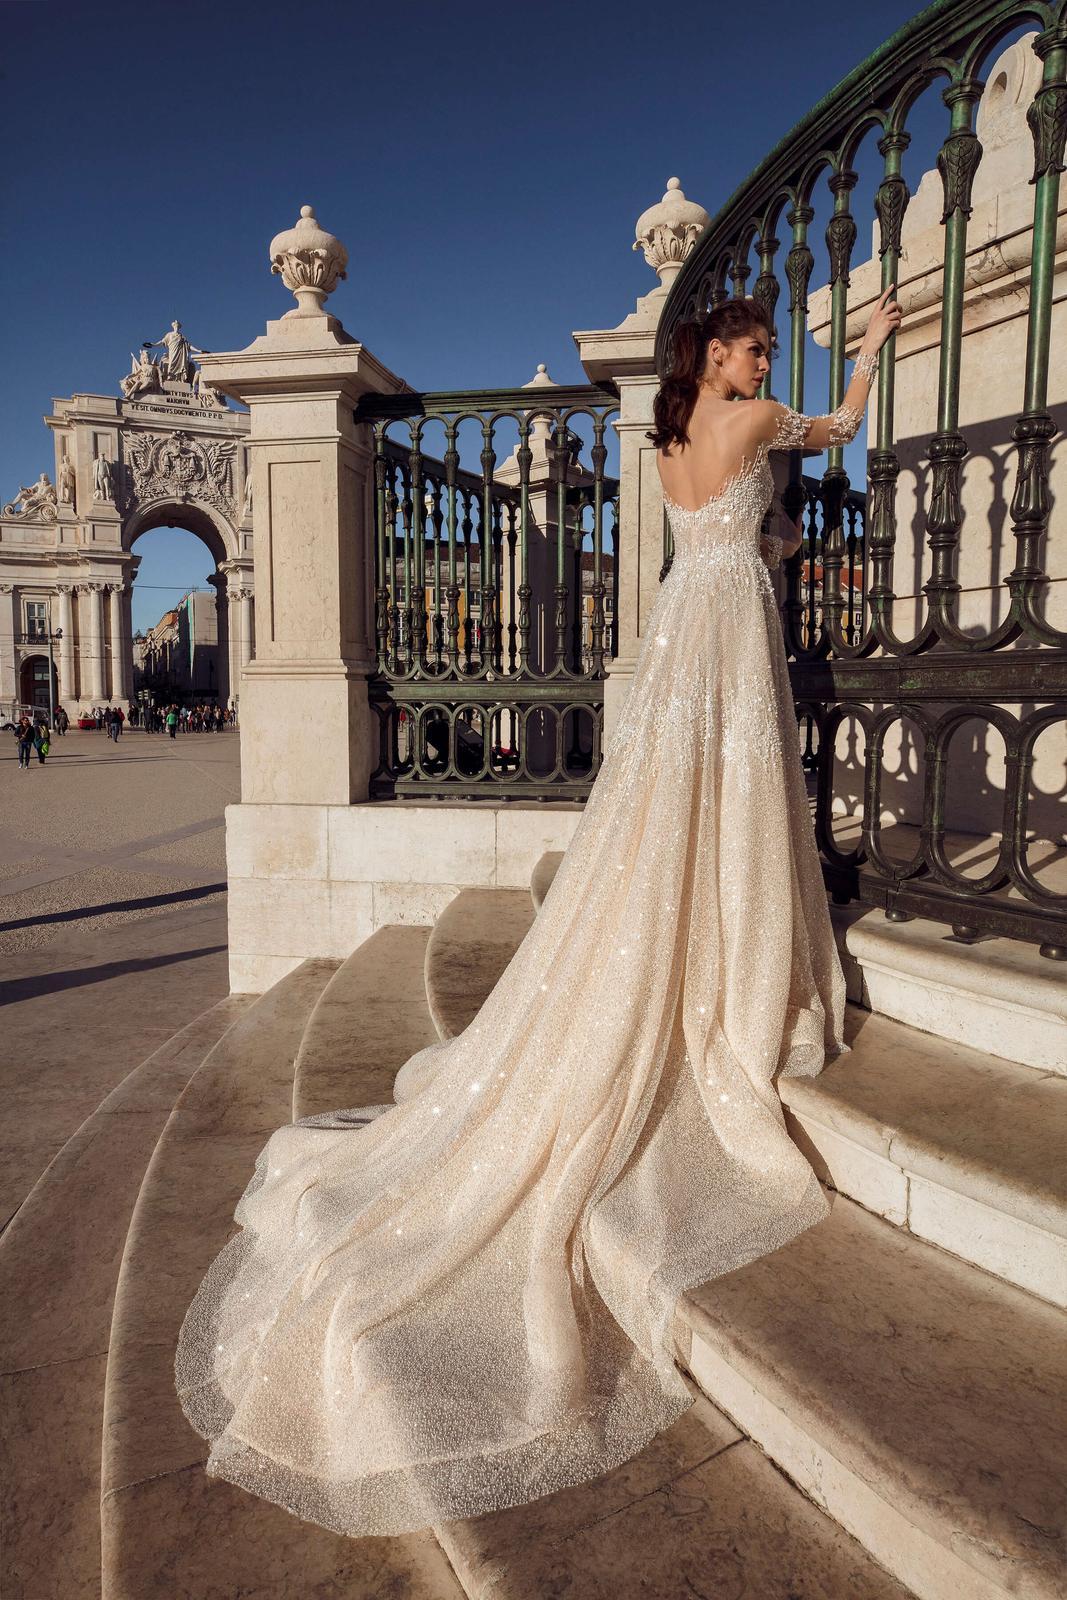 Innocentia Divina 2019 * Svadobné šaty z kolekcií na rok 2019 - Obrázok č. 7